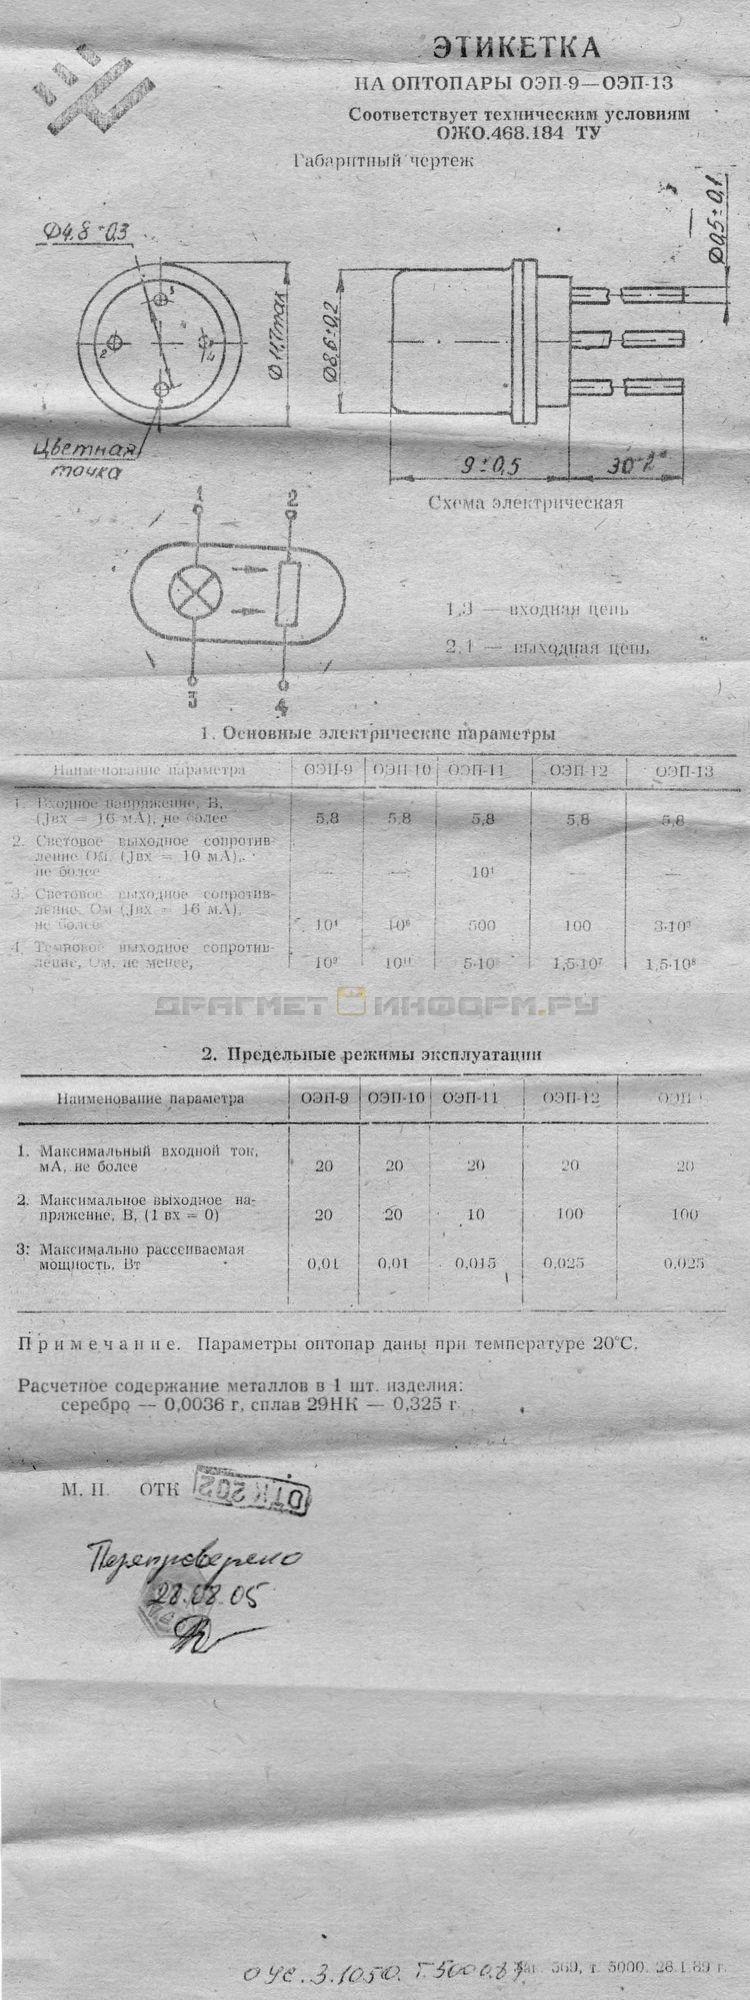 Формуляр ОЭП-10